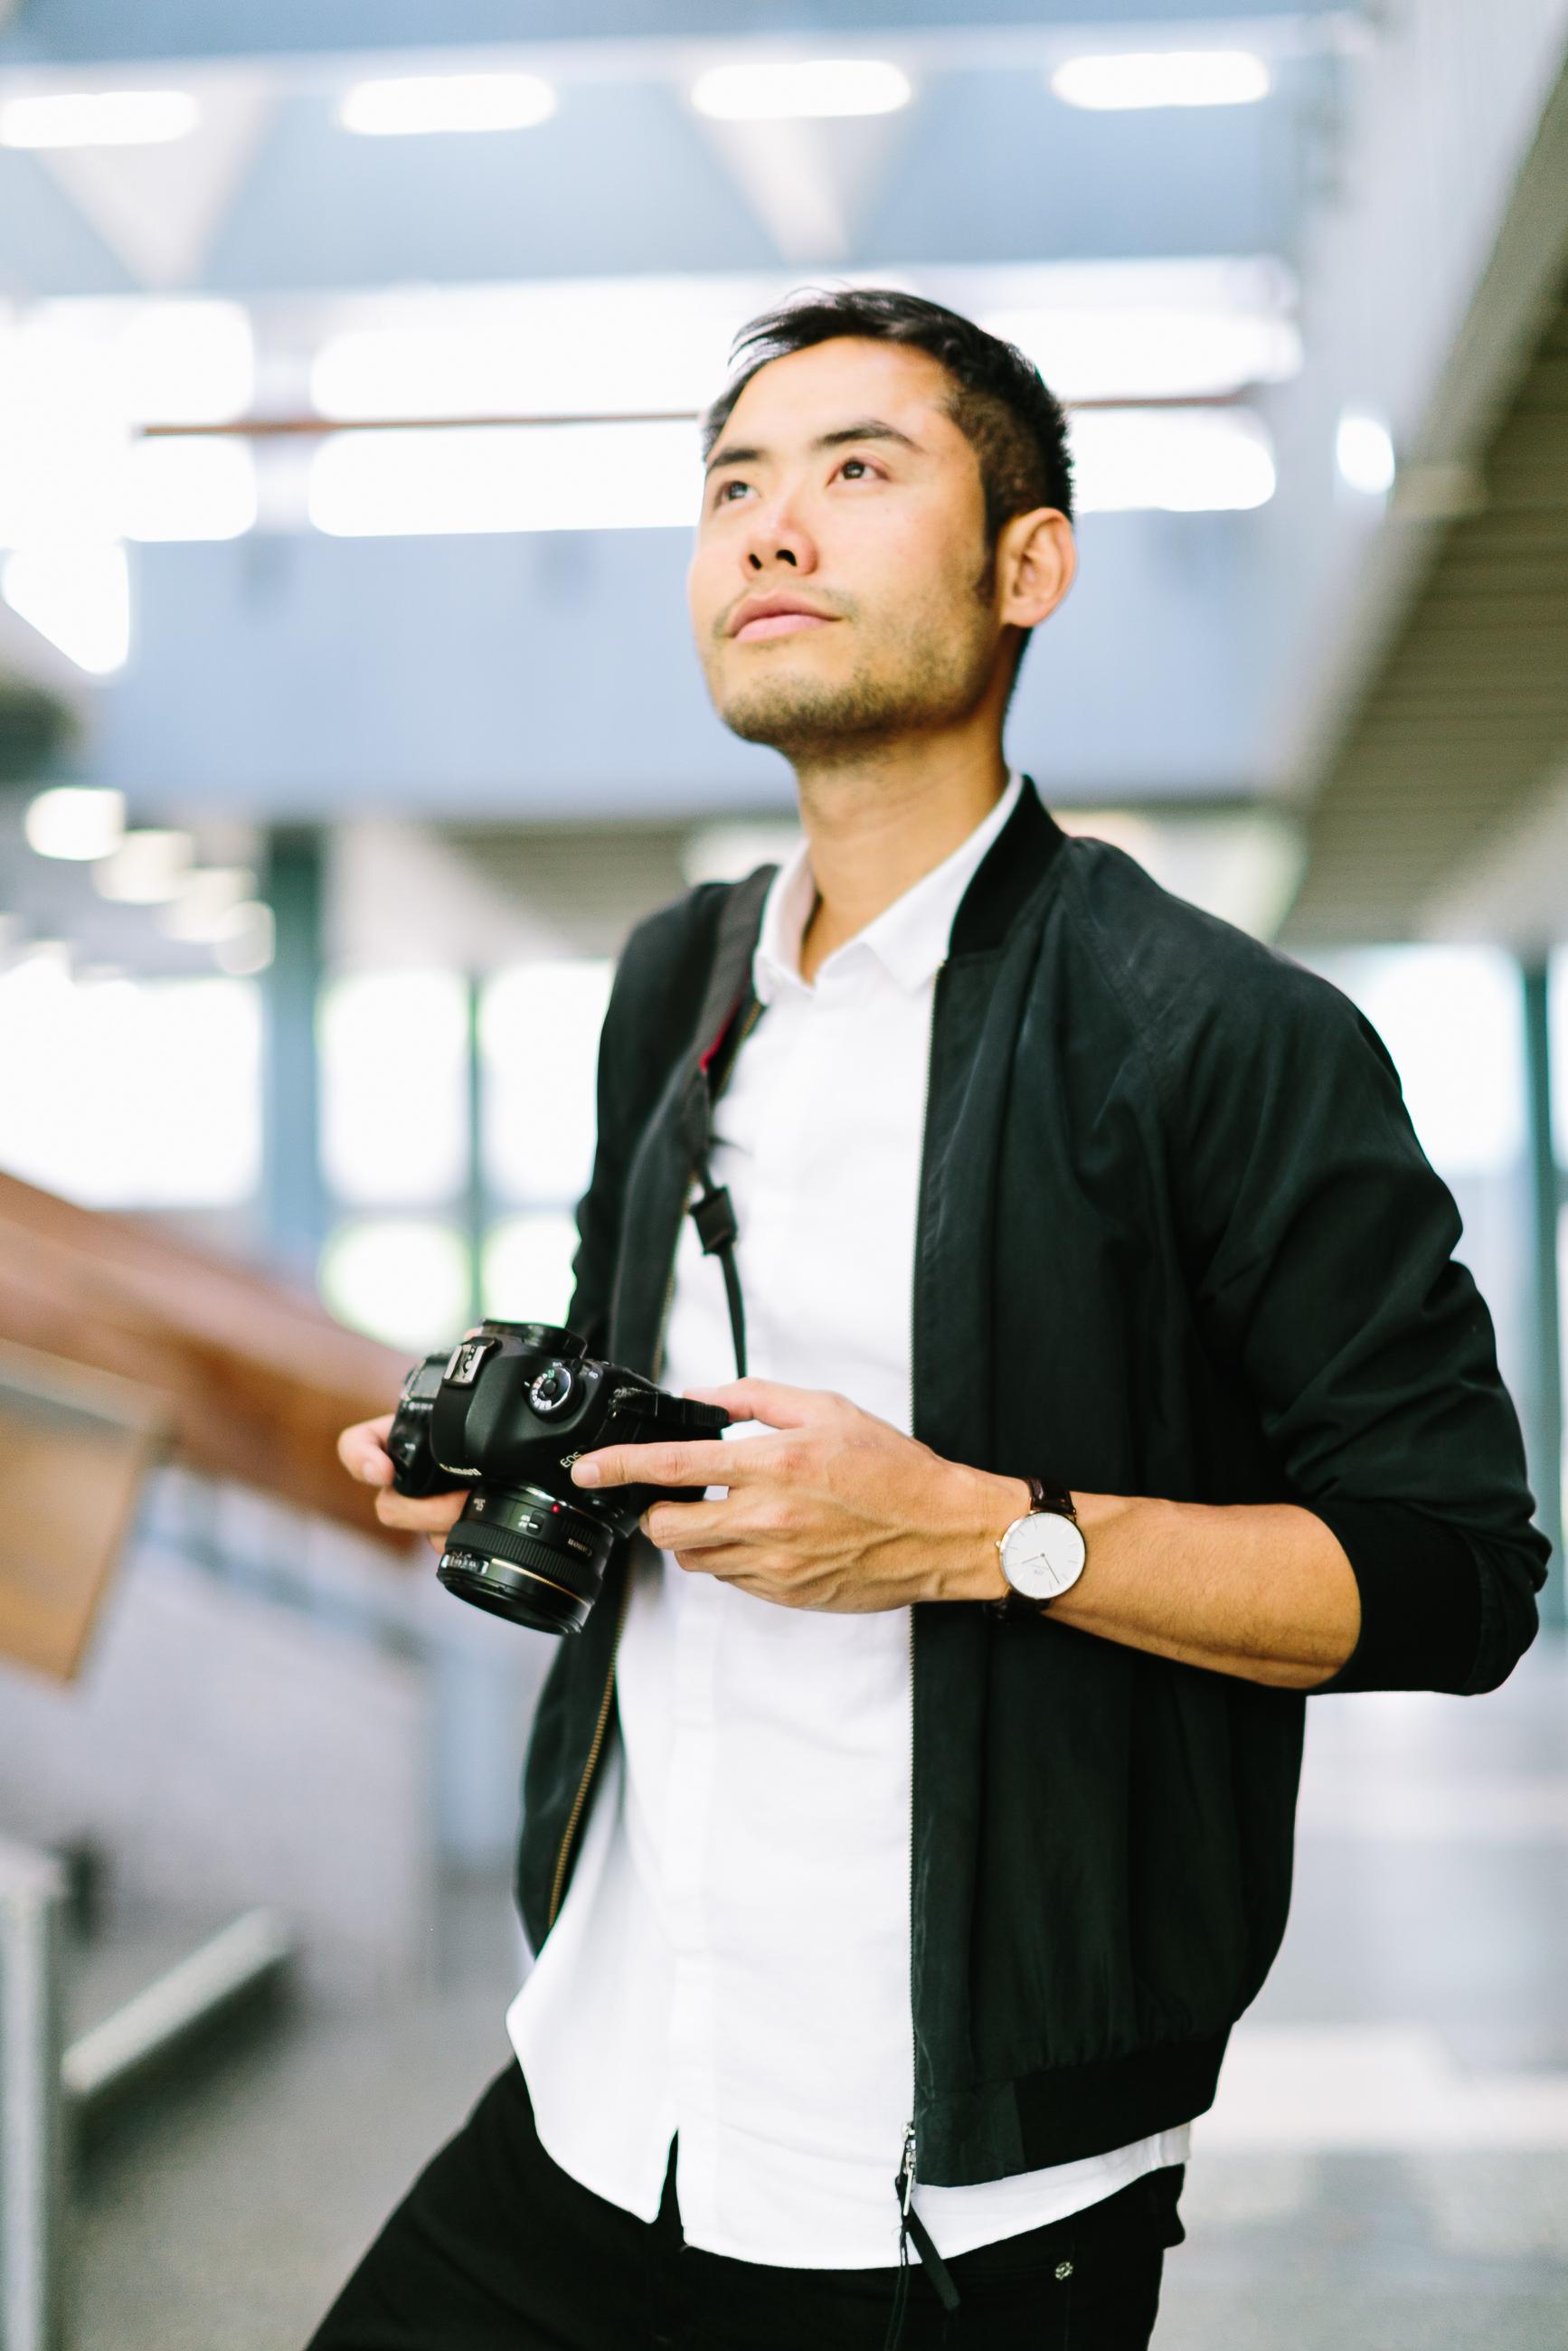 Fotograf LE HAI LINH-2.jpg